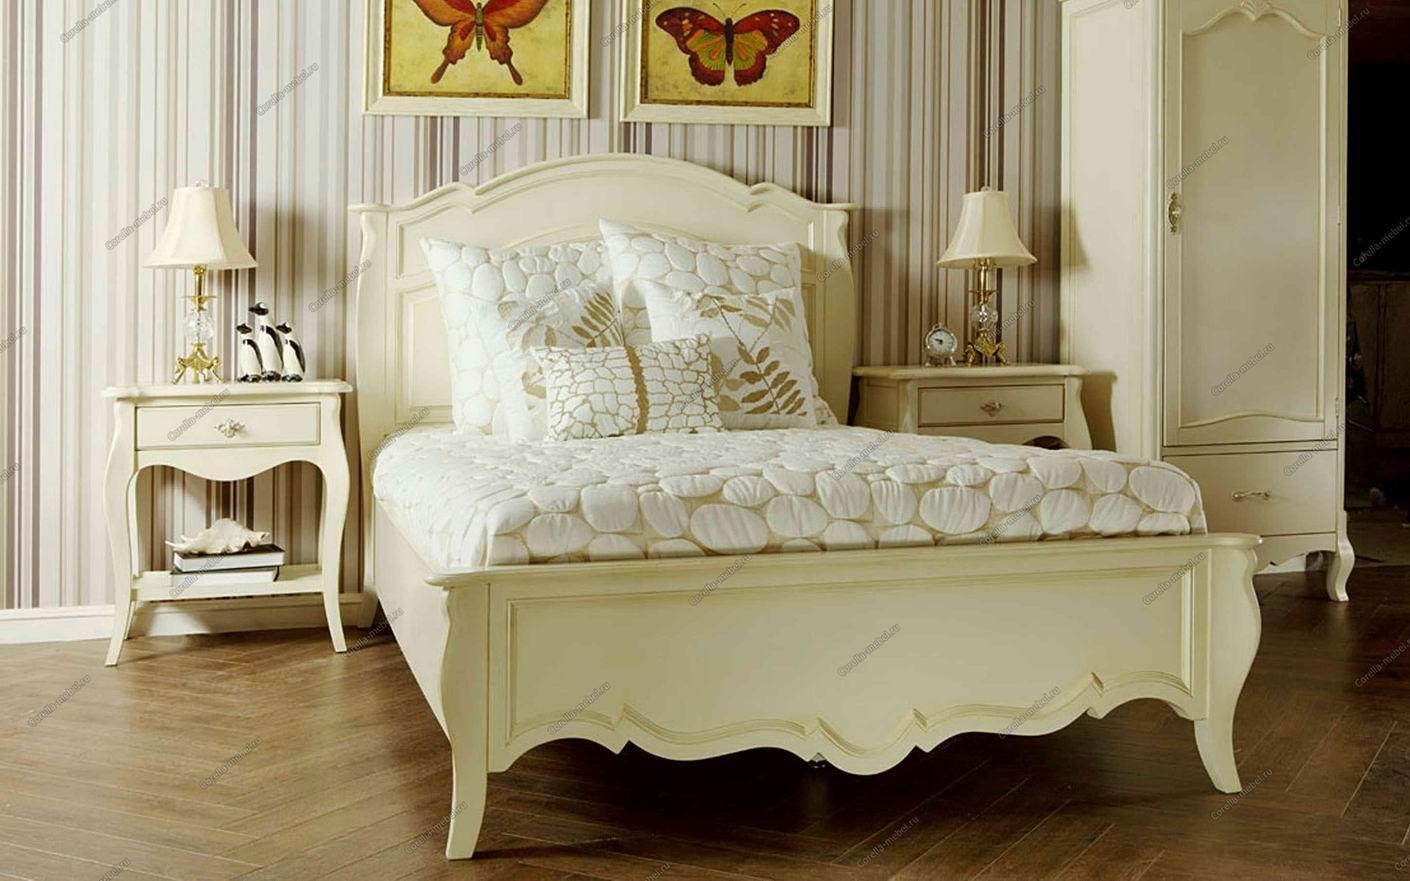 Выбираем кровати в стиле прованс